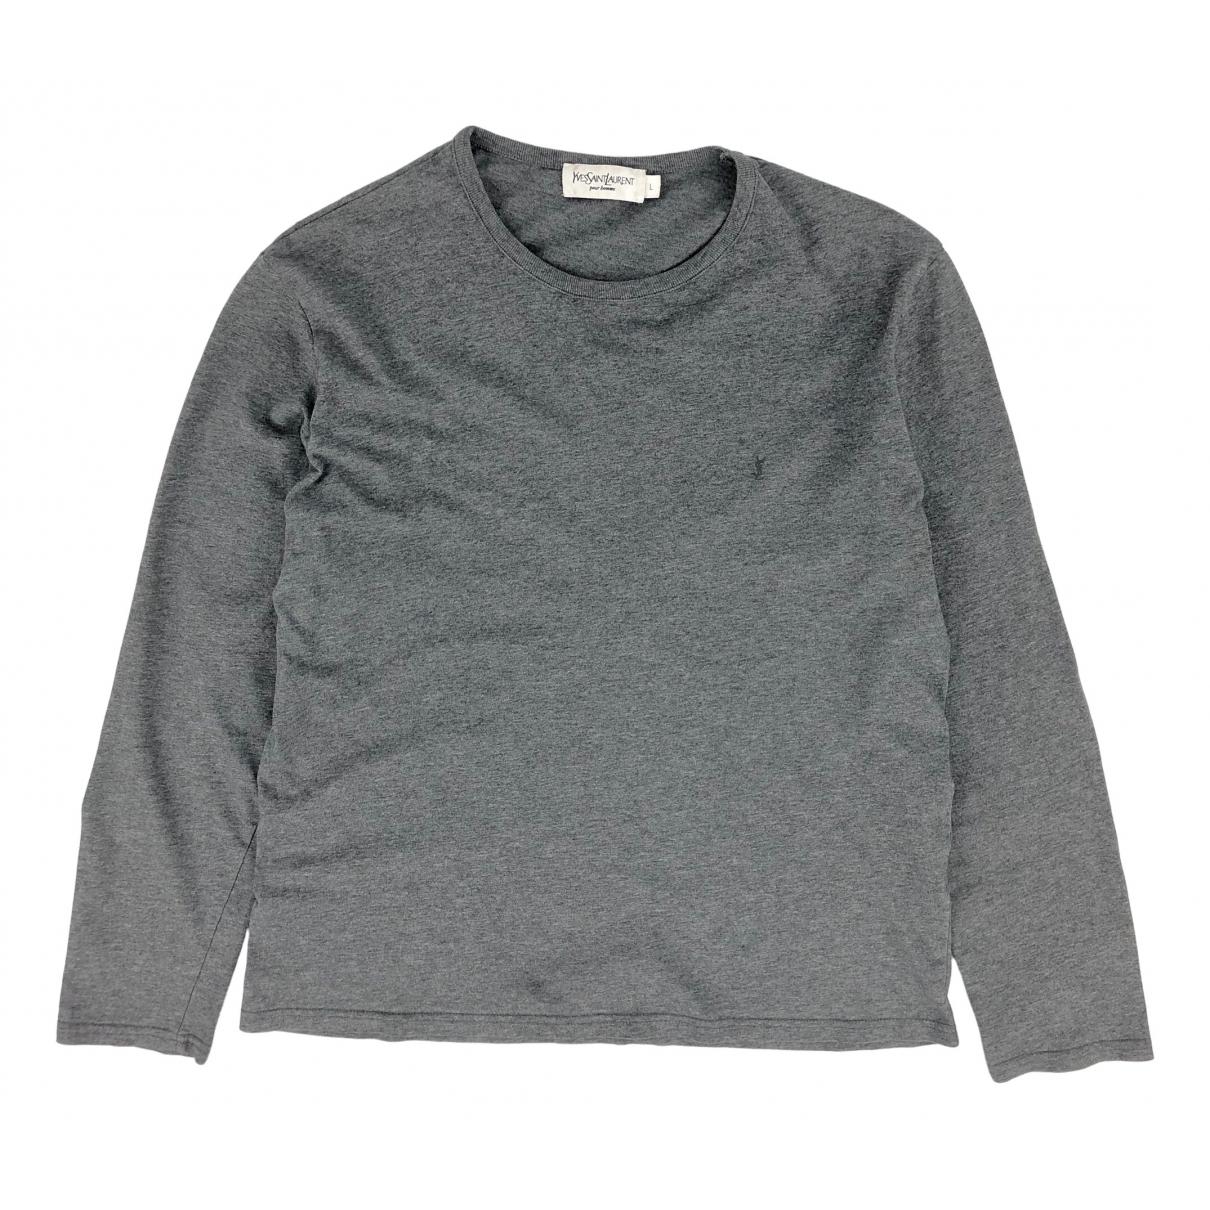 Yves Saint Laurent - Tee shirts   pour homme en coton - gris